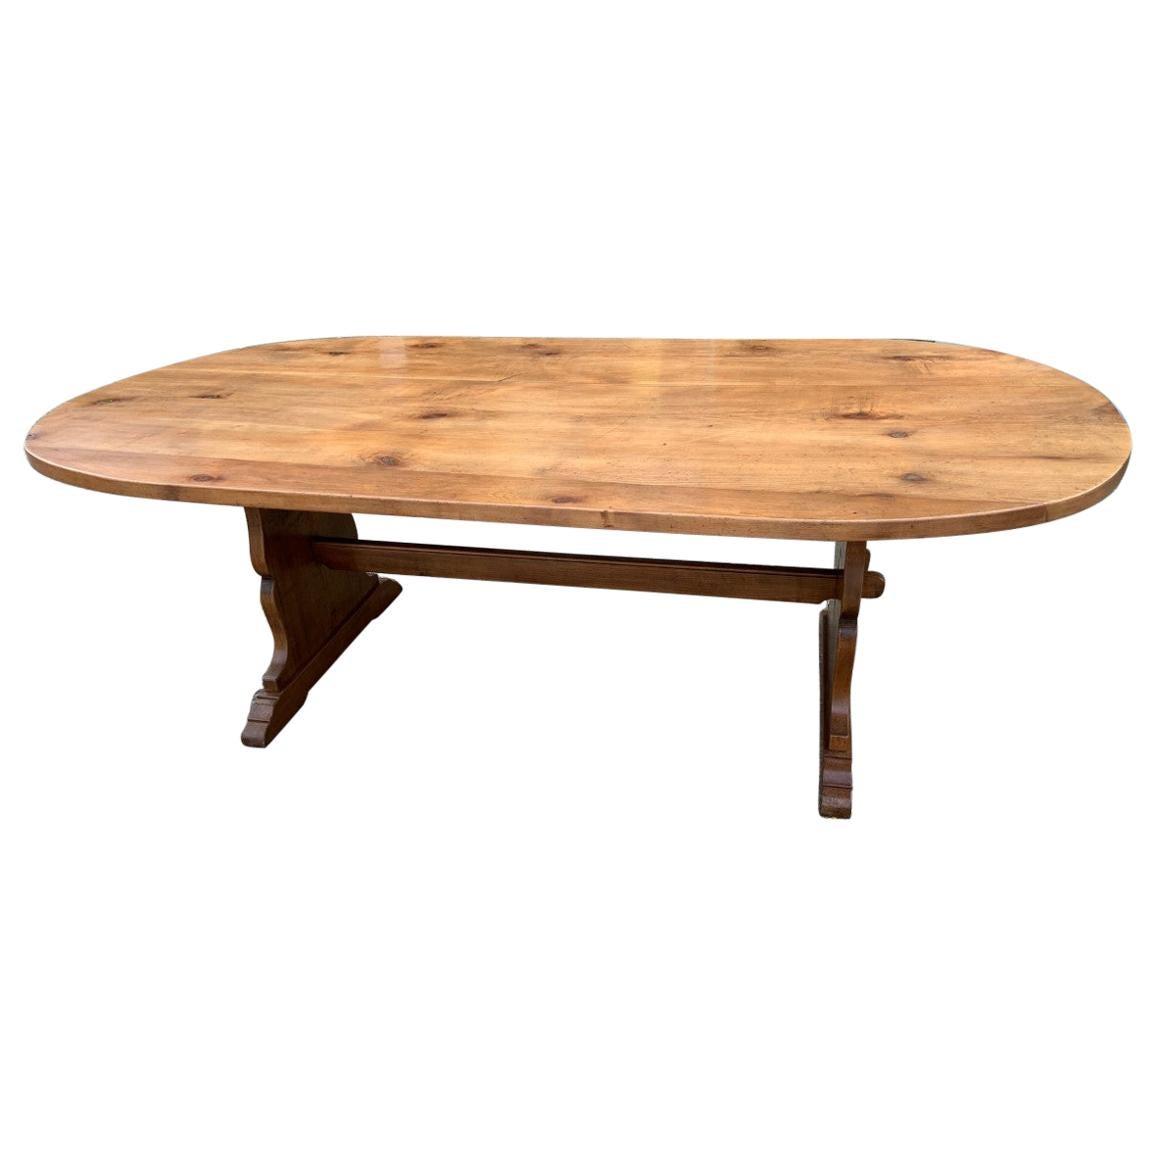 Oval Fruitwood Farmhouse Table